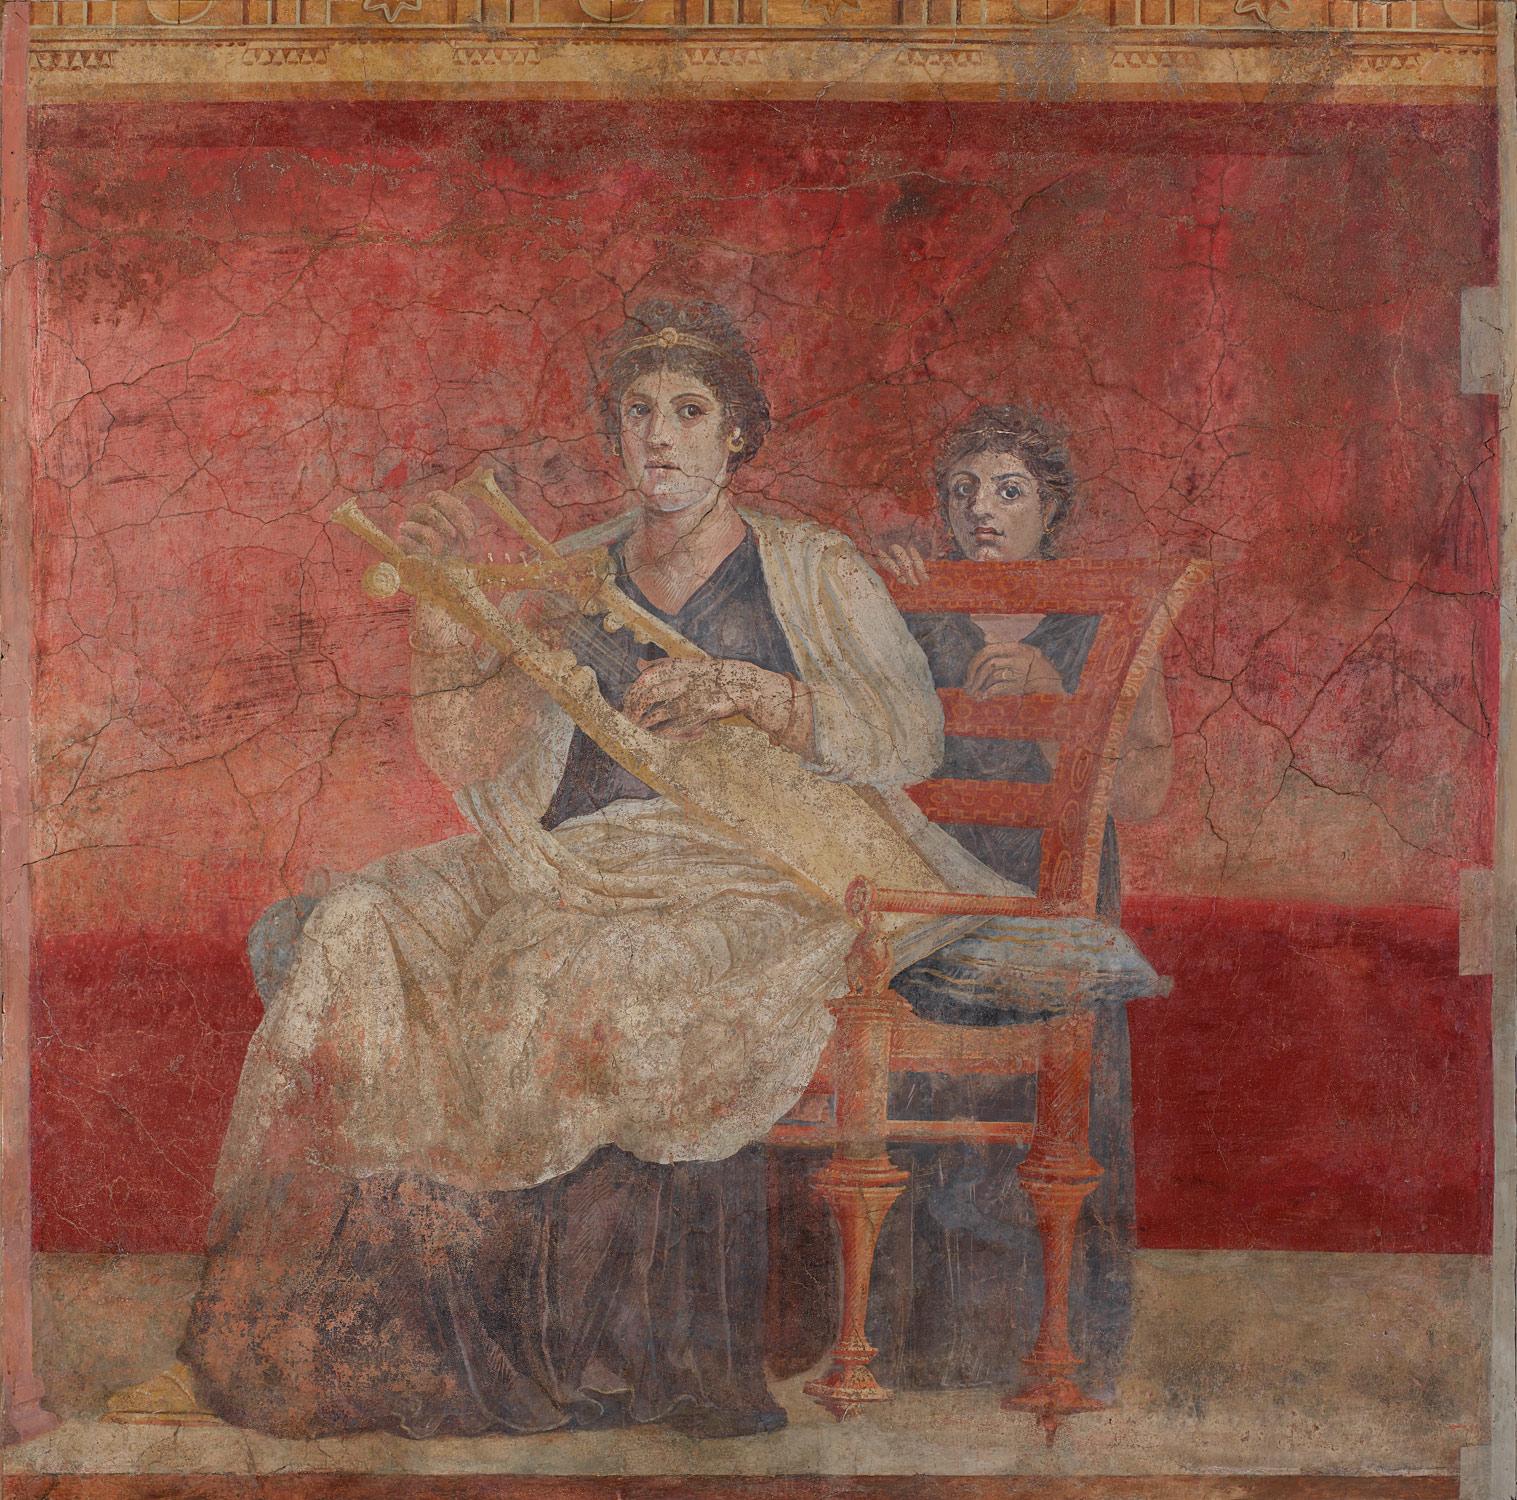 Mujer con una cítara.  Fresco de la Villa de Publio Fannio Sinistor en Boscoreale, c. 30-40 a. C.